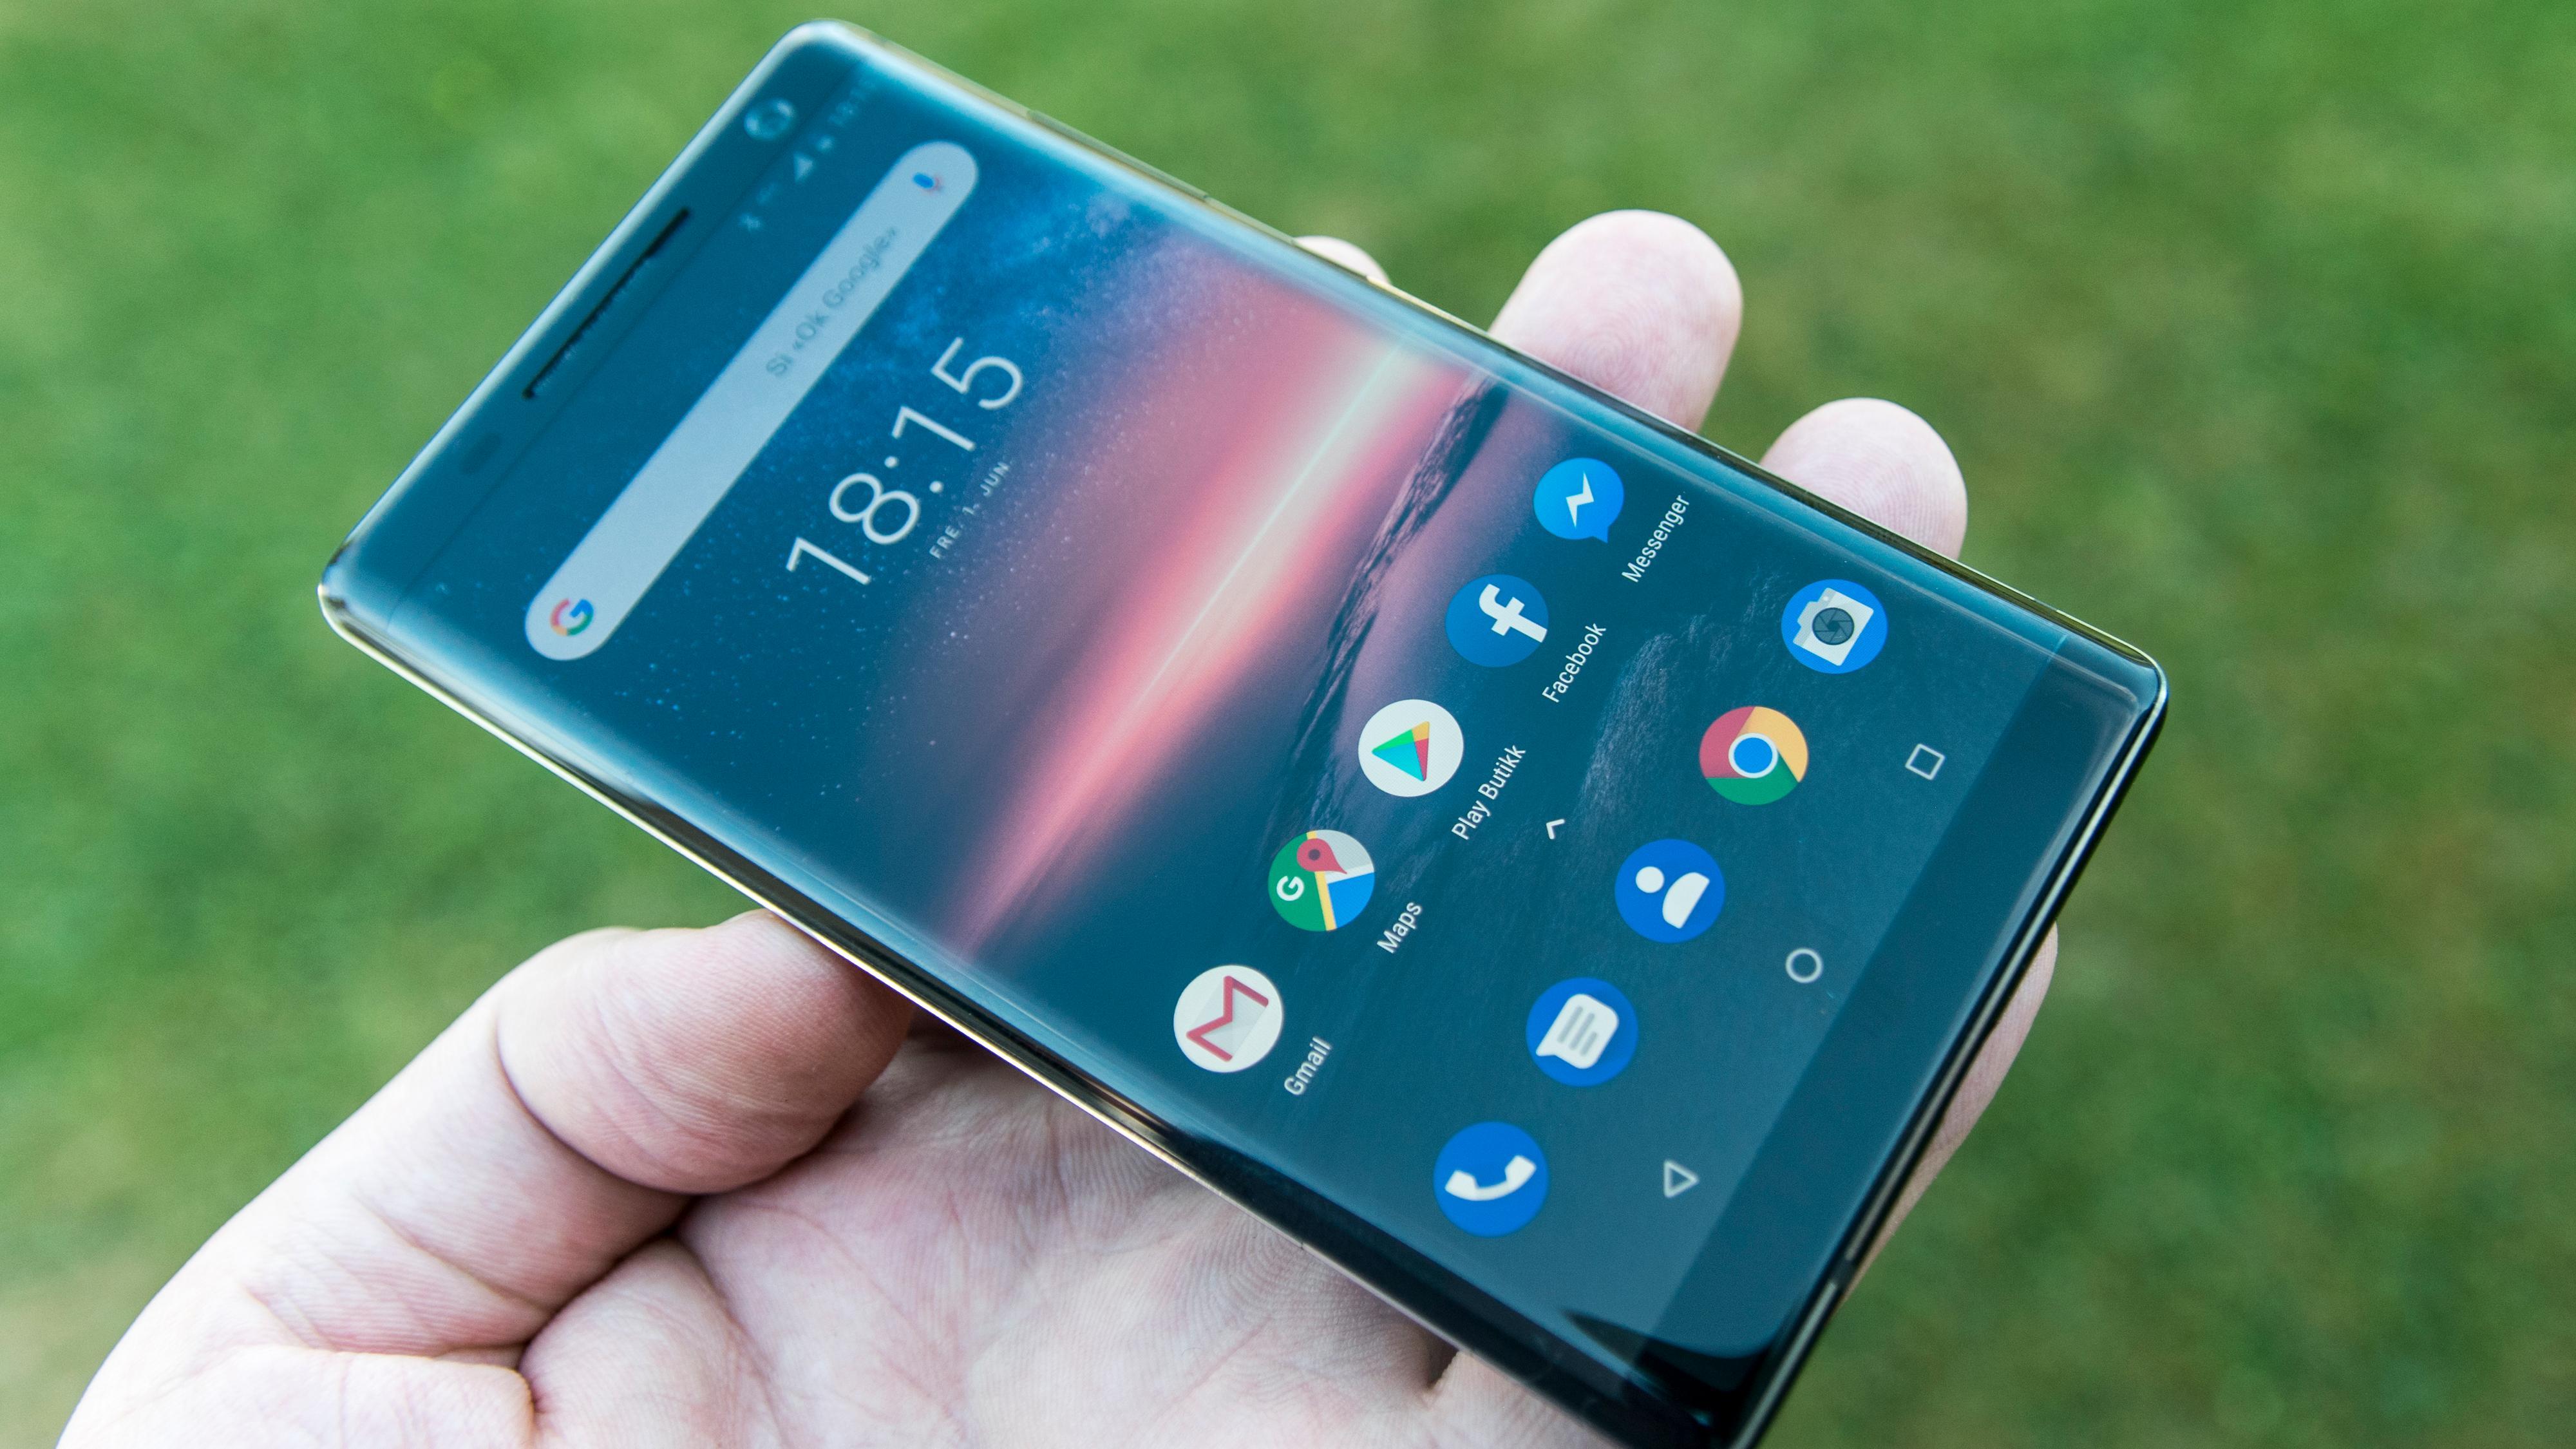 Nokia 8 Sirocco er lynrask å bruke. Ren Android og rask maskinvare gjør underverker. Men det er lov å rynke på nesen over at innmaten er fjorårets maskinvare du betaler full pris for i år.